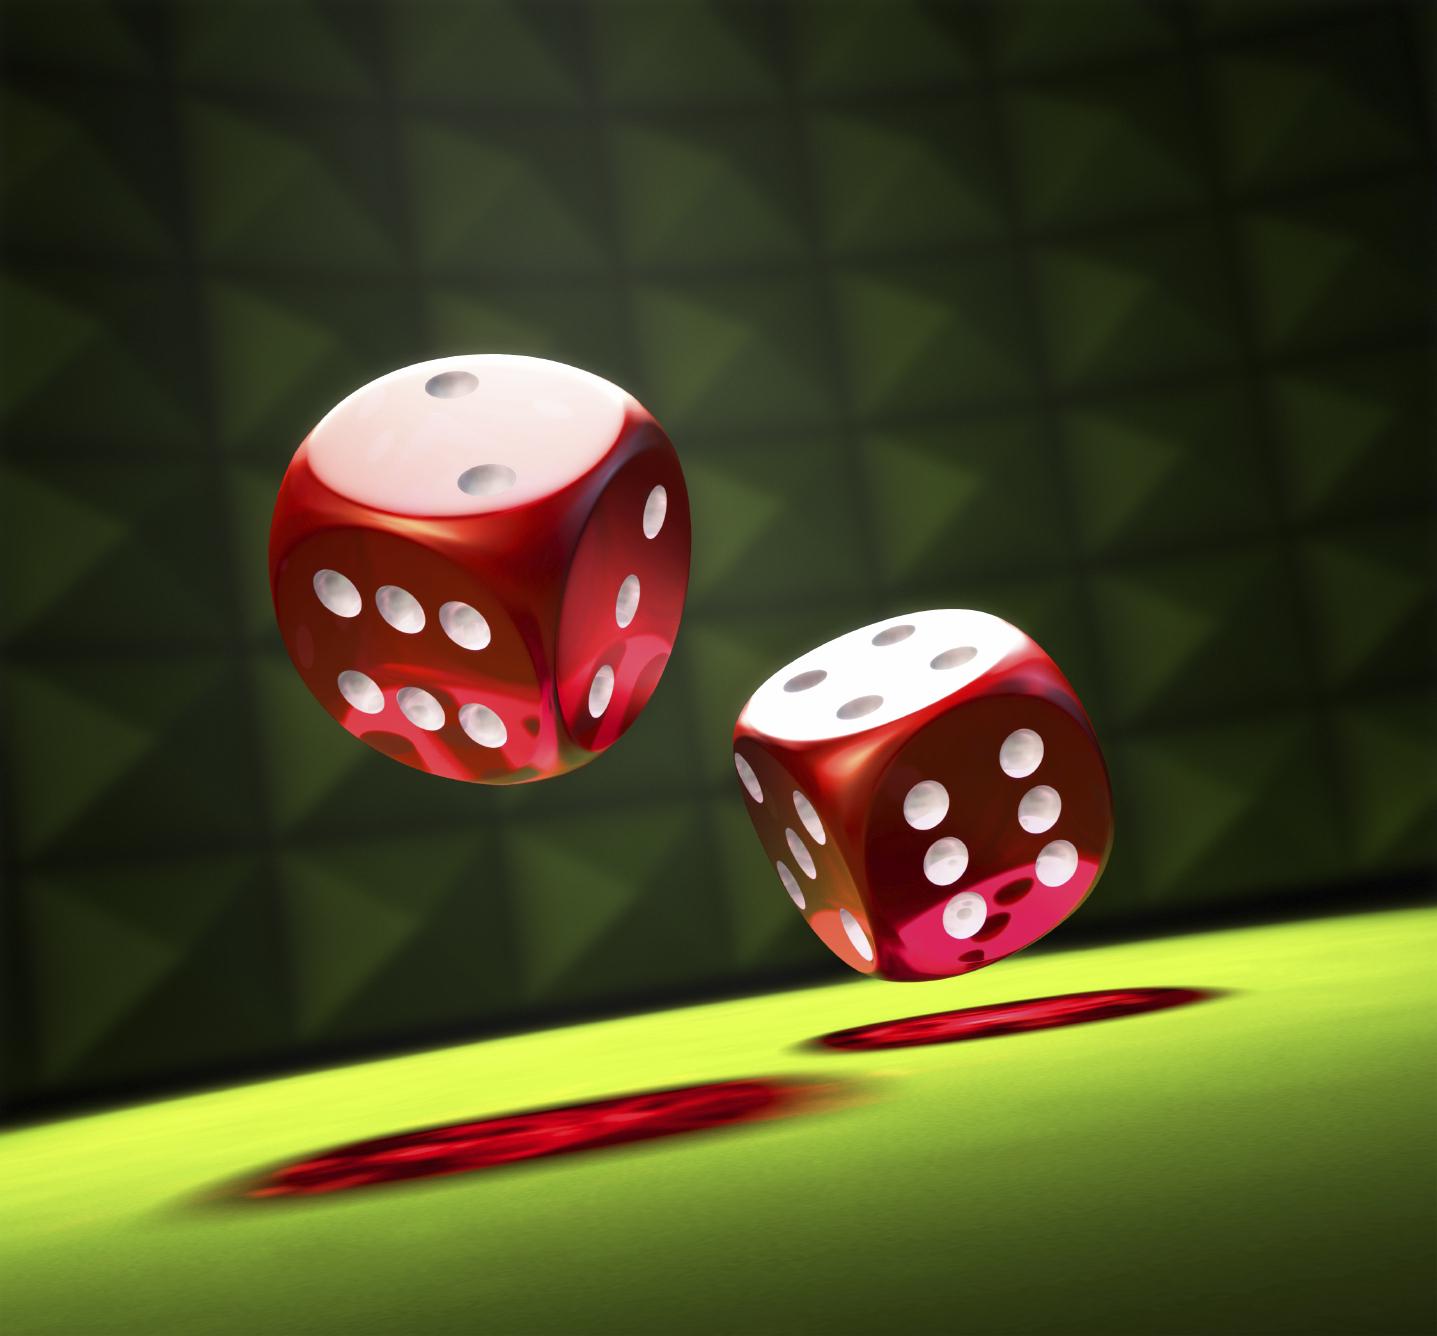 Jeux De Casino En Ligne - Les Meilleurs Compatibles Sur Mobile concernant Jeux De Billes En Ligne